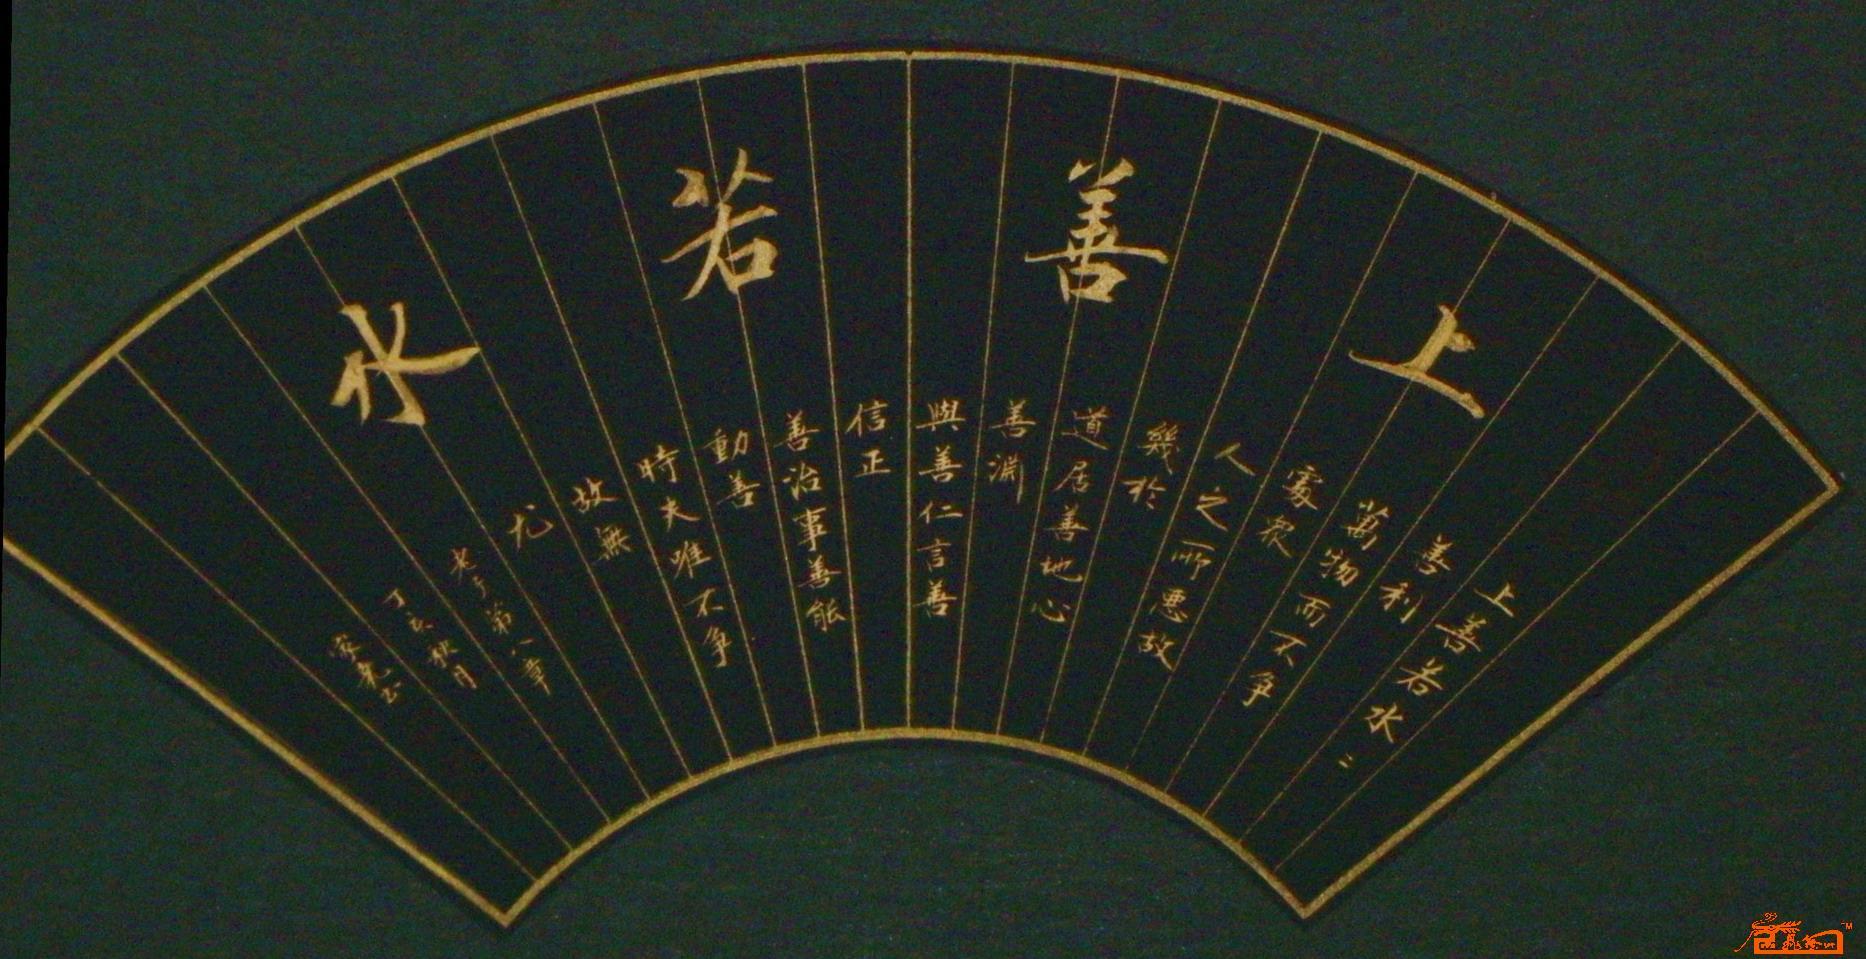 李家尧 上善若水 扇面 淘宝 名人字画 中国书画交易